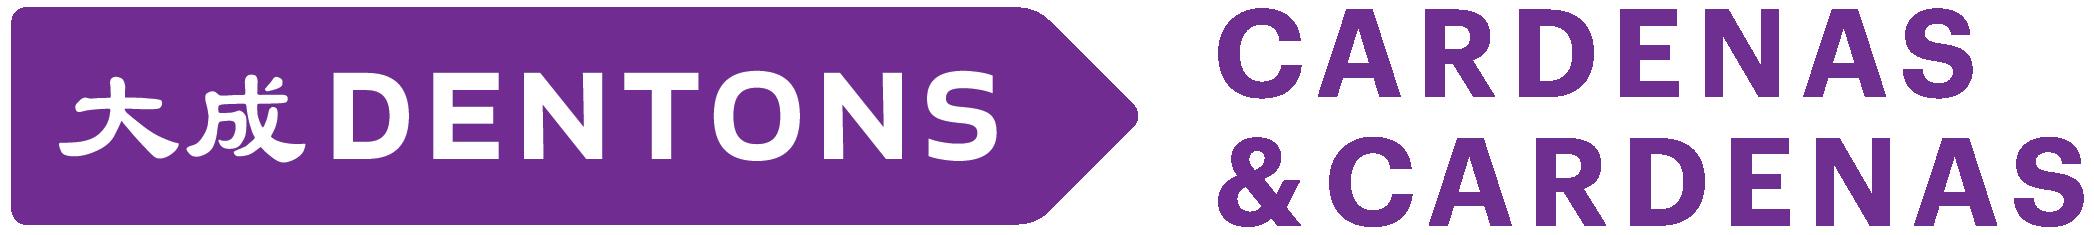 Dentons Cardenas & Cardenas logo